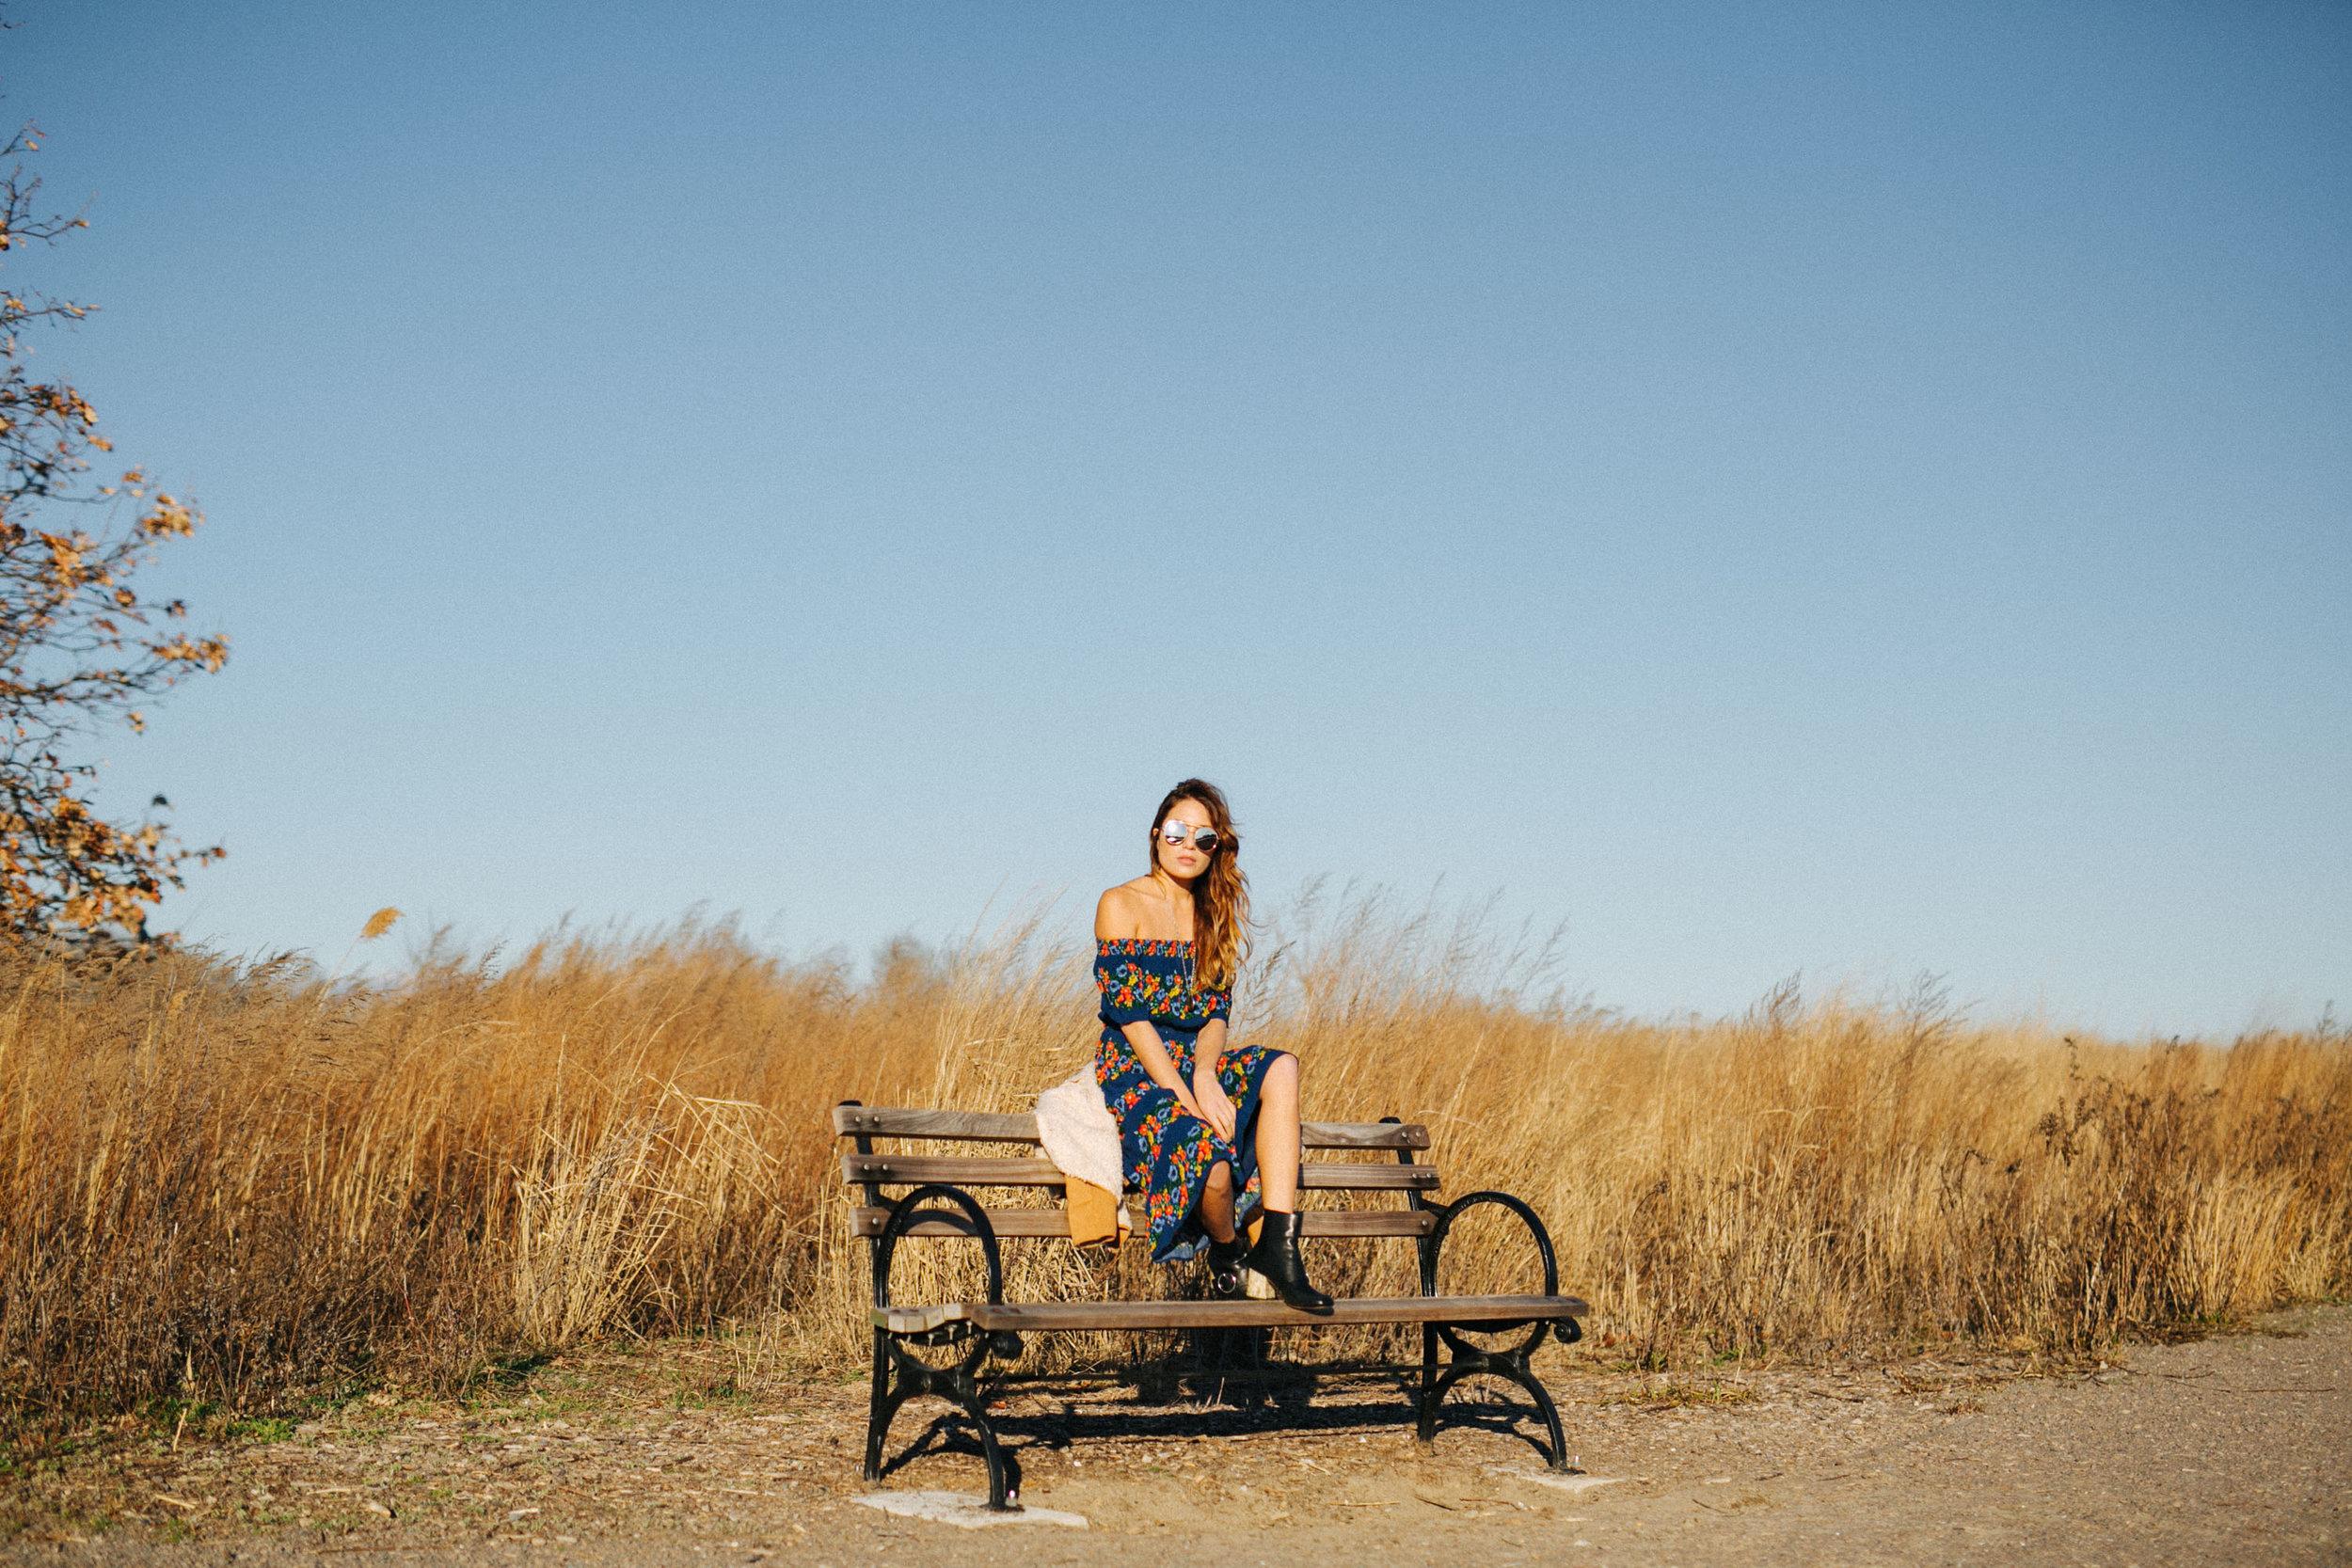 sarah-kuszelewicz-photography-shkphoto_010.JPG